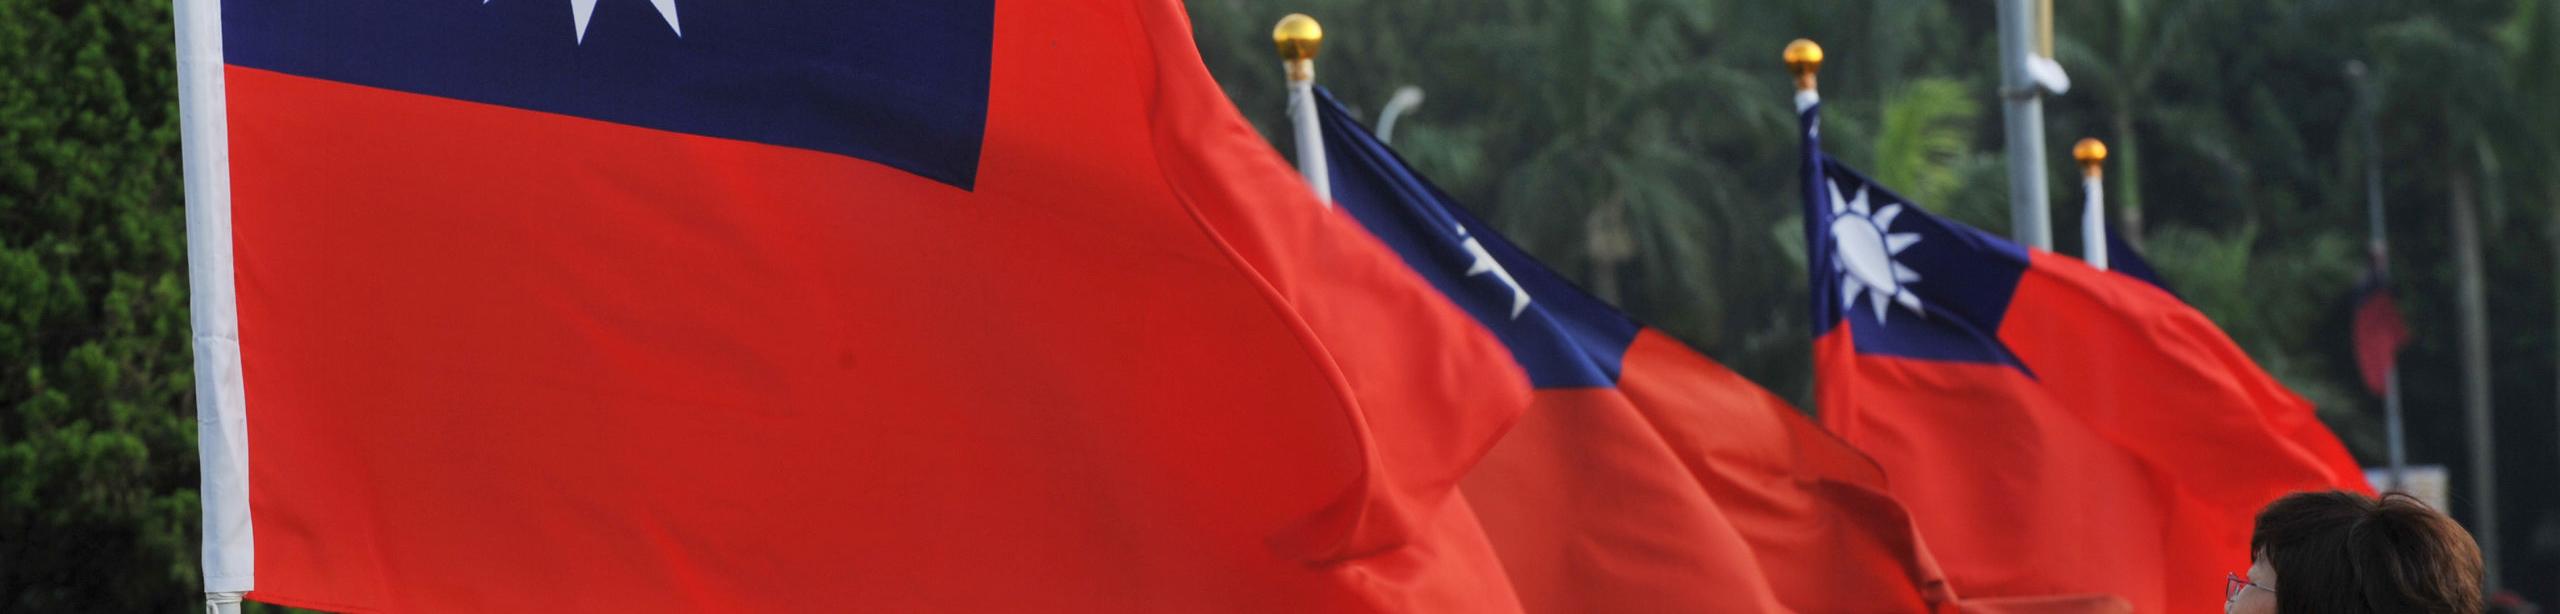 Come funziona la Taiwan Premier League, il campionato di calcio di Taipei